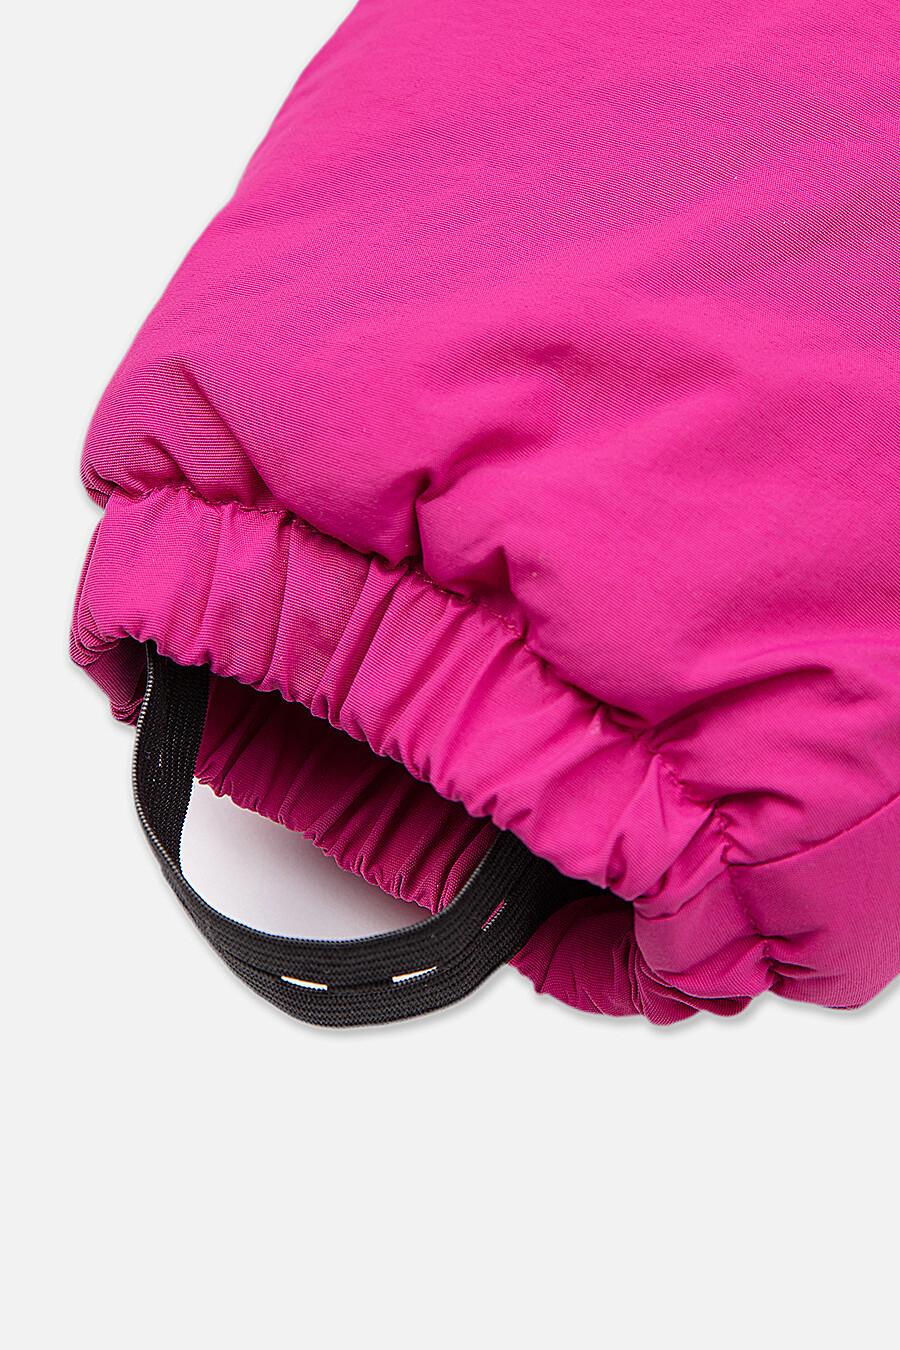 Полукомбинезон для девочек PLAYTODAY 147422 купить оптом от производителя. Совместная покупка детской одежды в OptMoyo